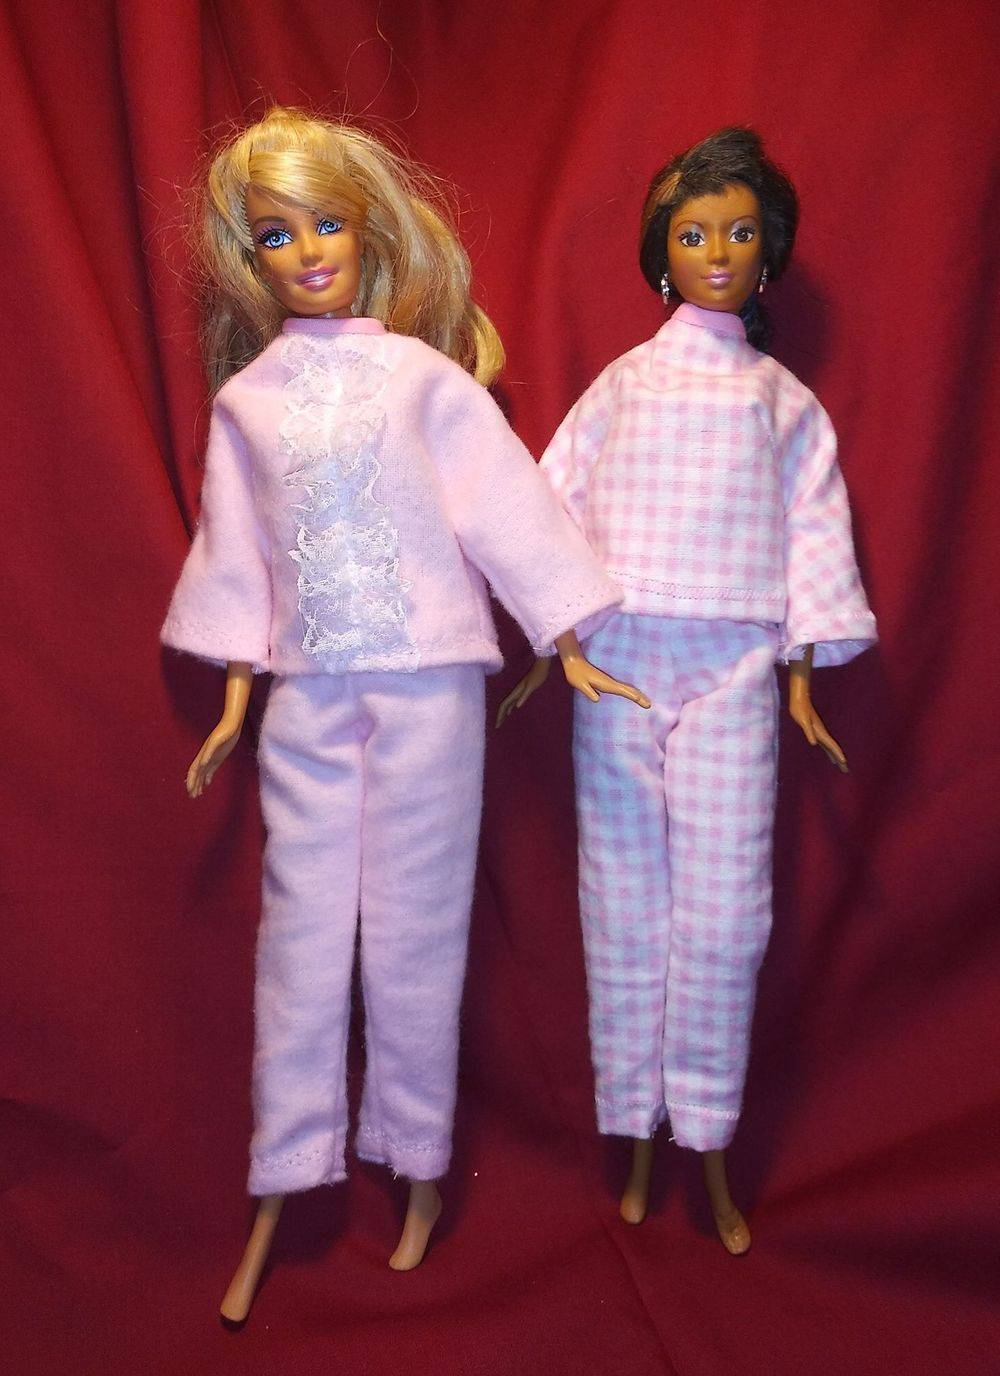 Barbie Clothes, Barbie Pajamas, Barbie Wardrobe, Handmade Barbie clothes, Handmade Doll clothes